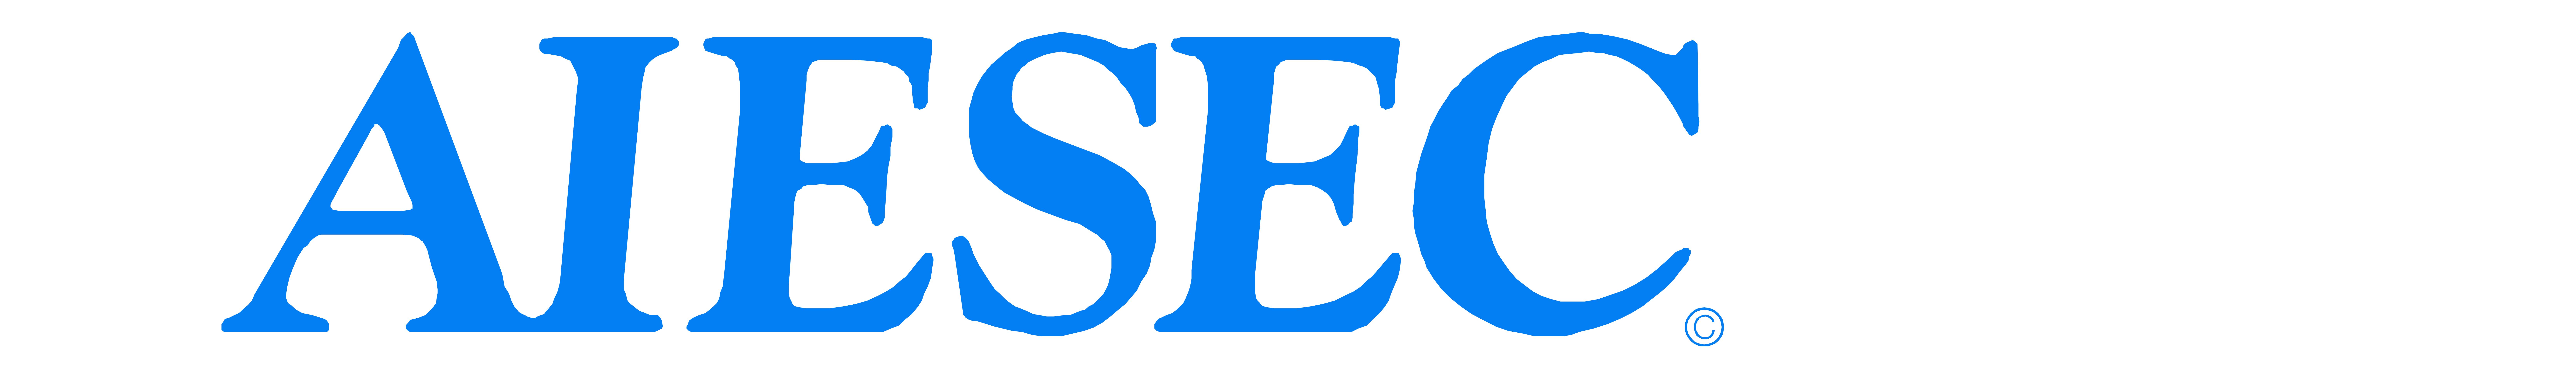 AIESEC Help Center